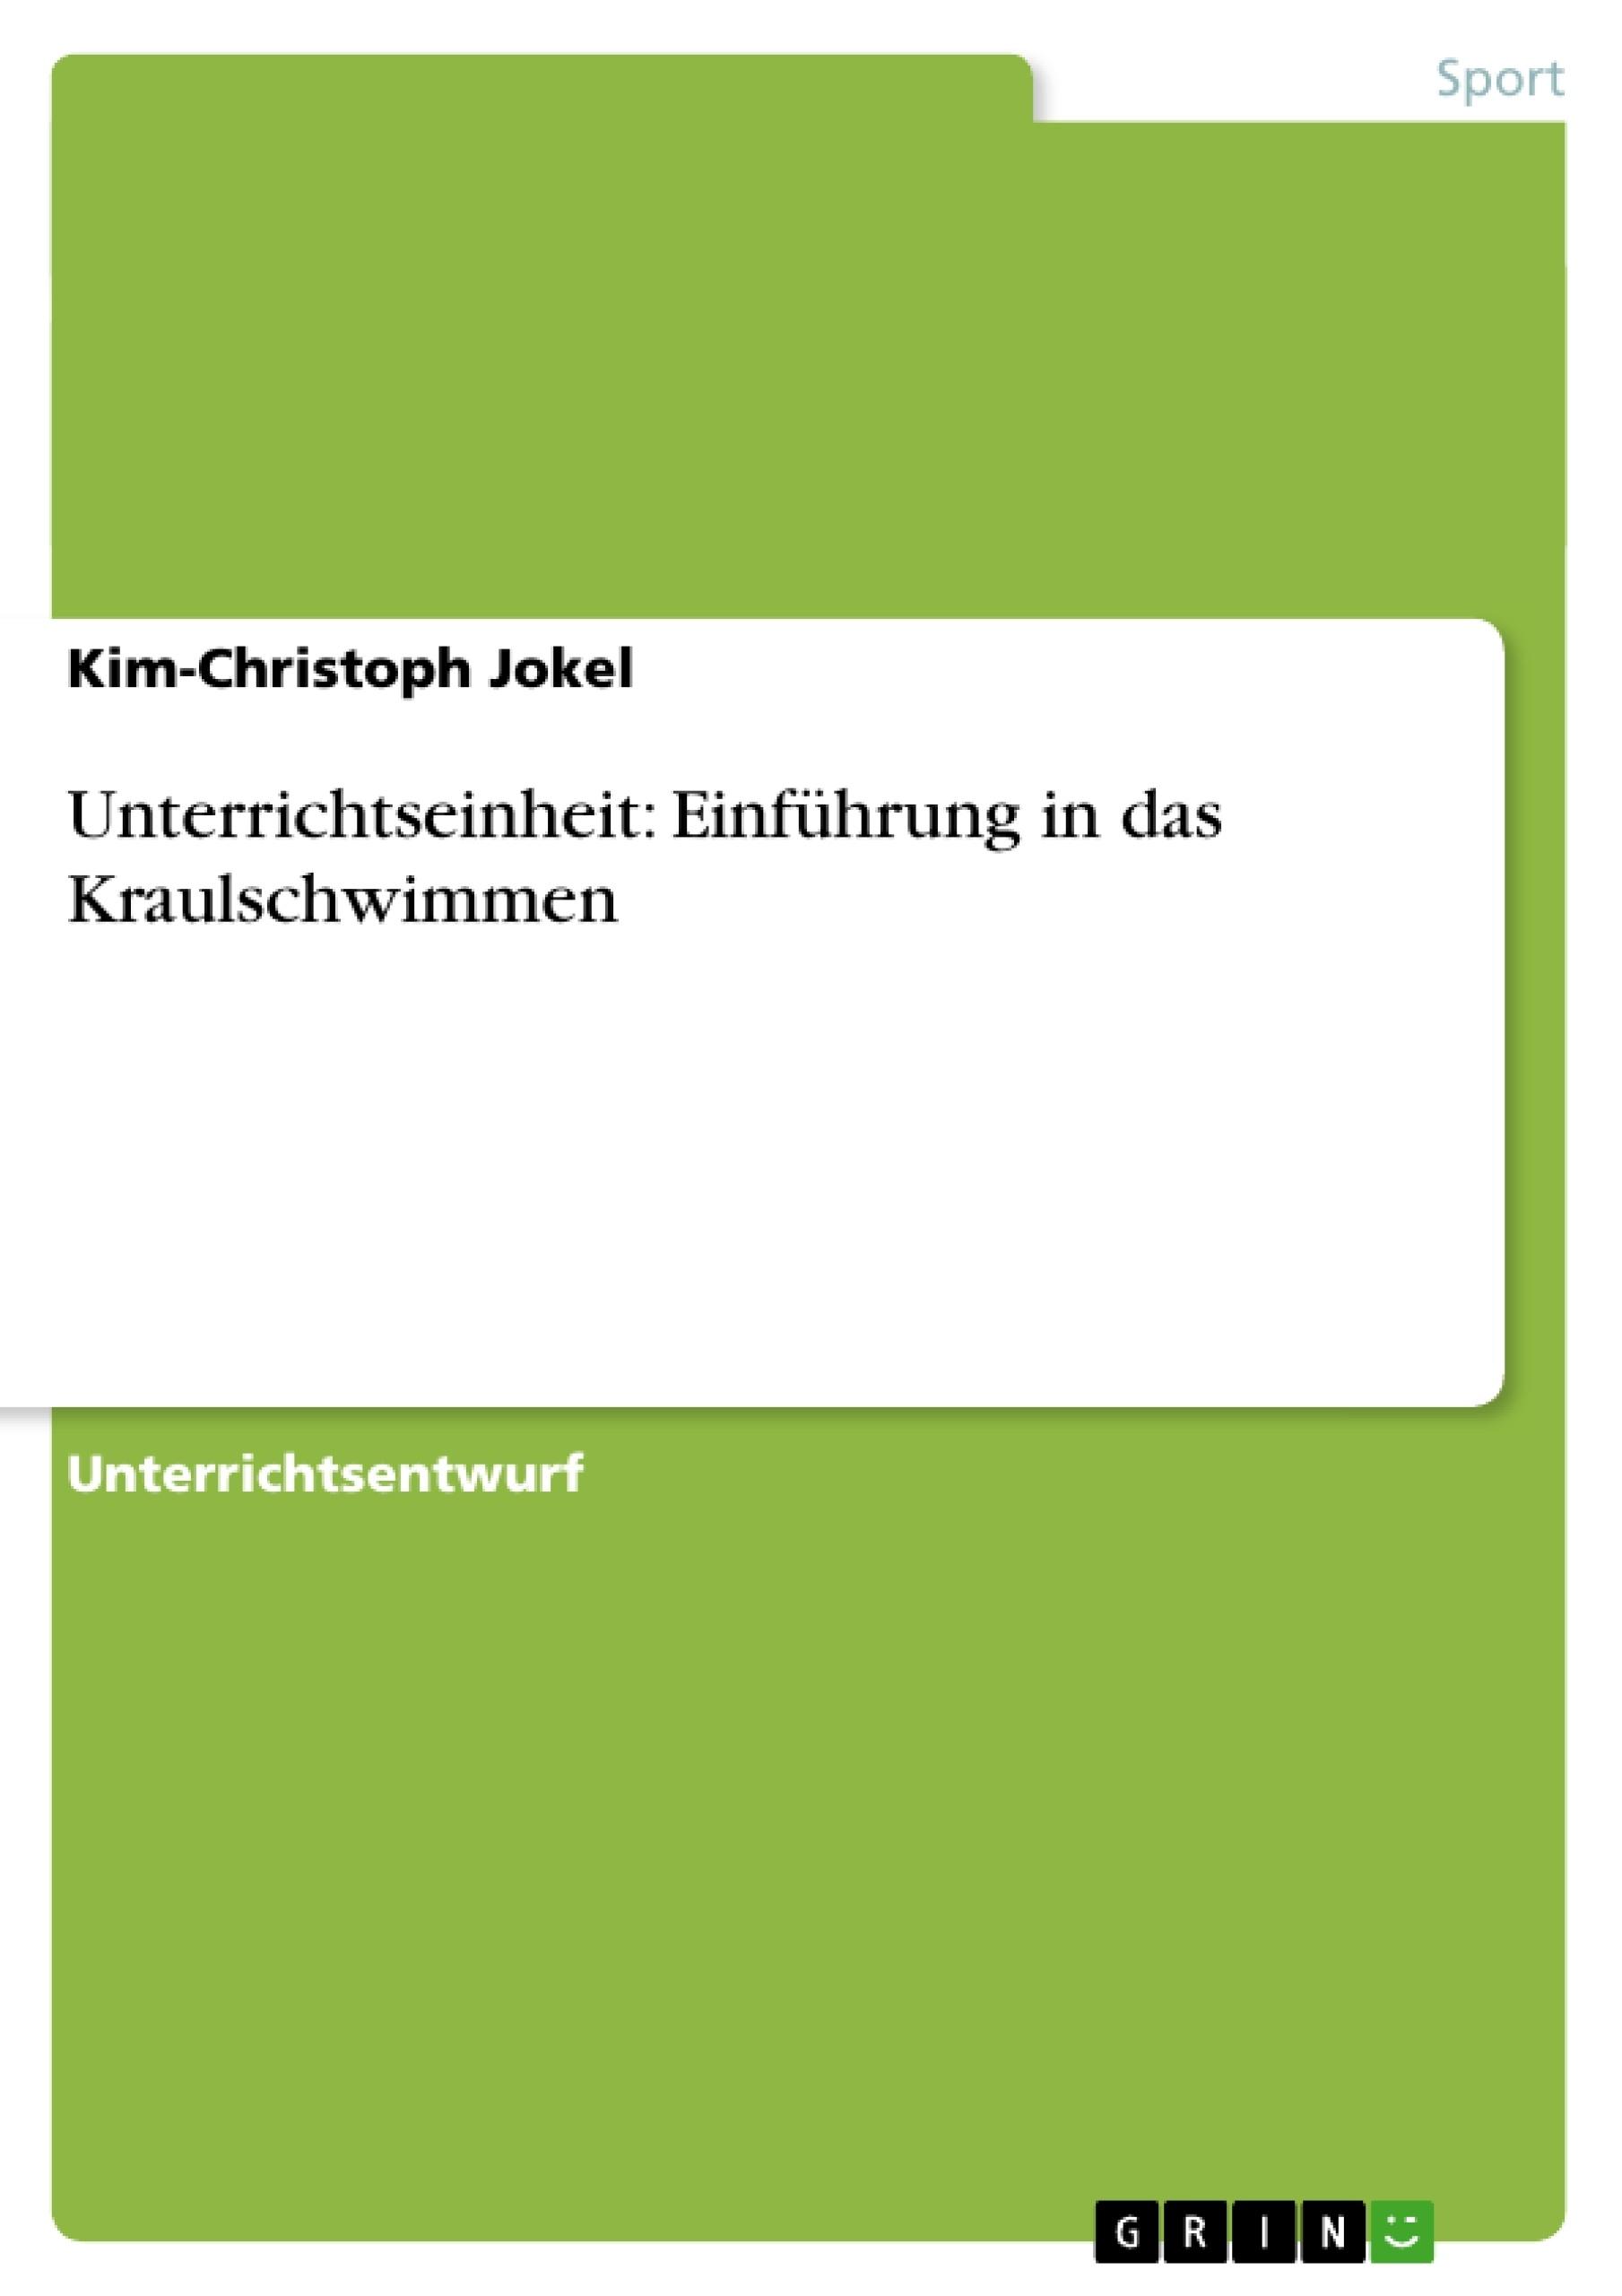 Titel: Unterrichtseinheit: Einführung in das Kraulschwimmen